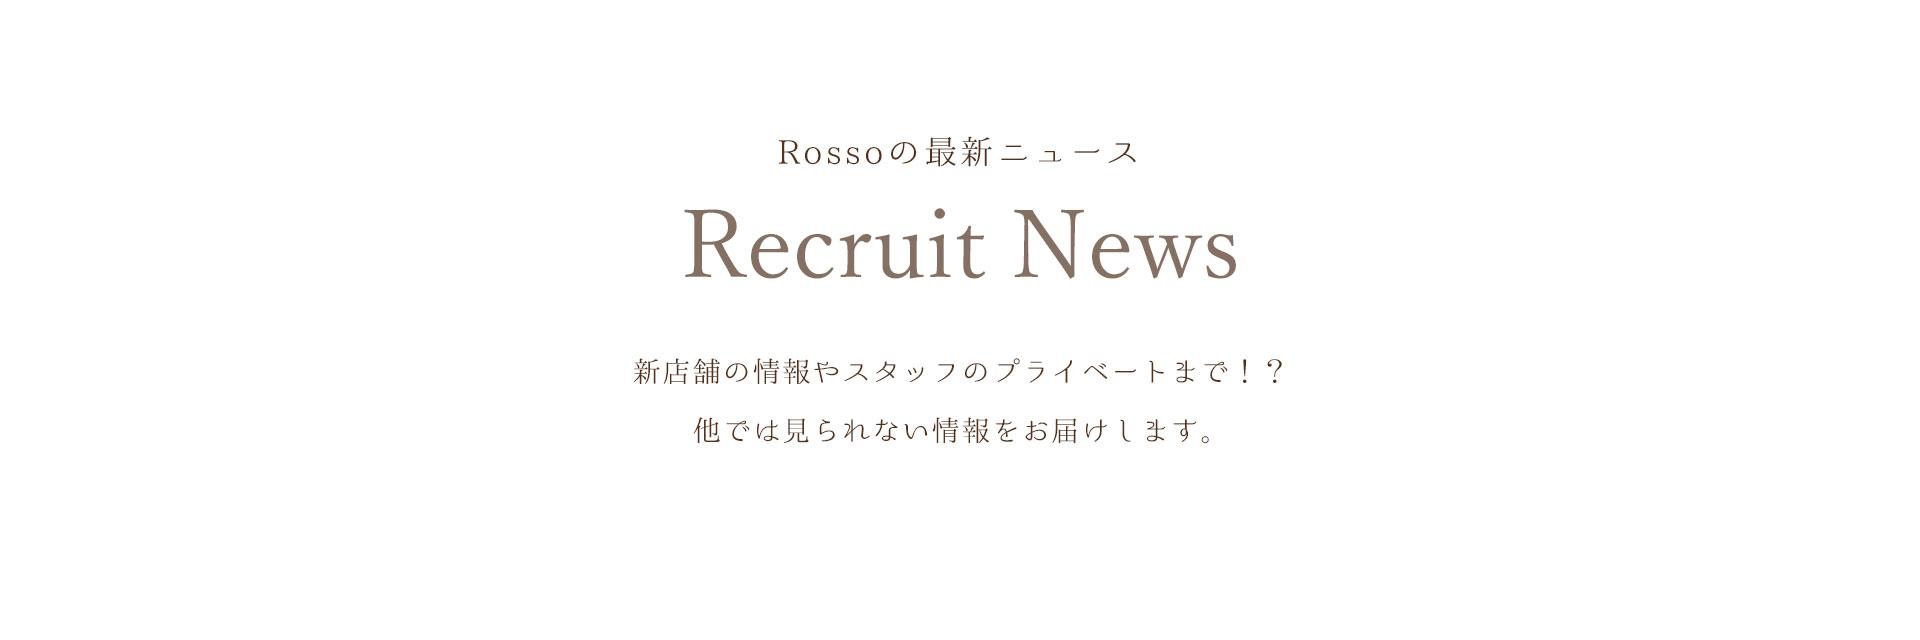 ニュース一覧 Rosso News